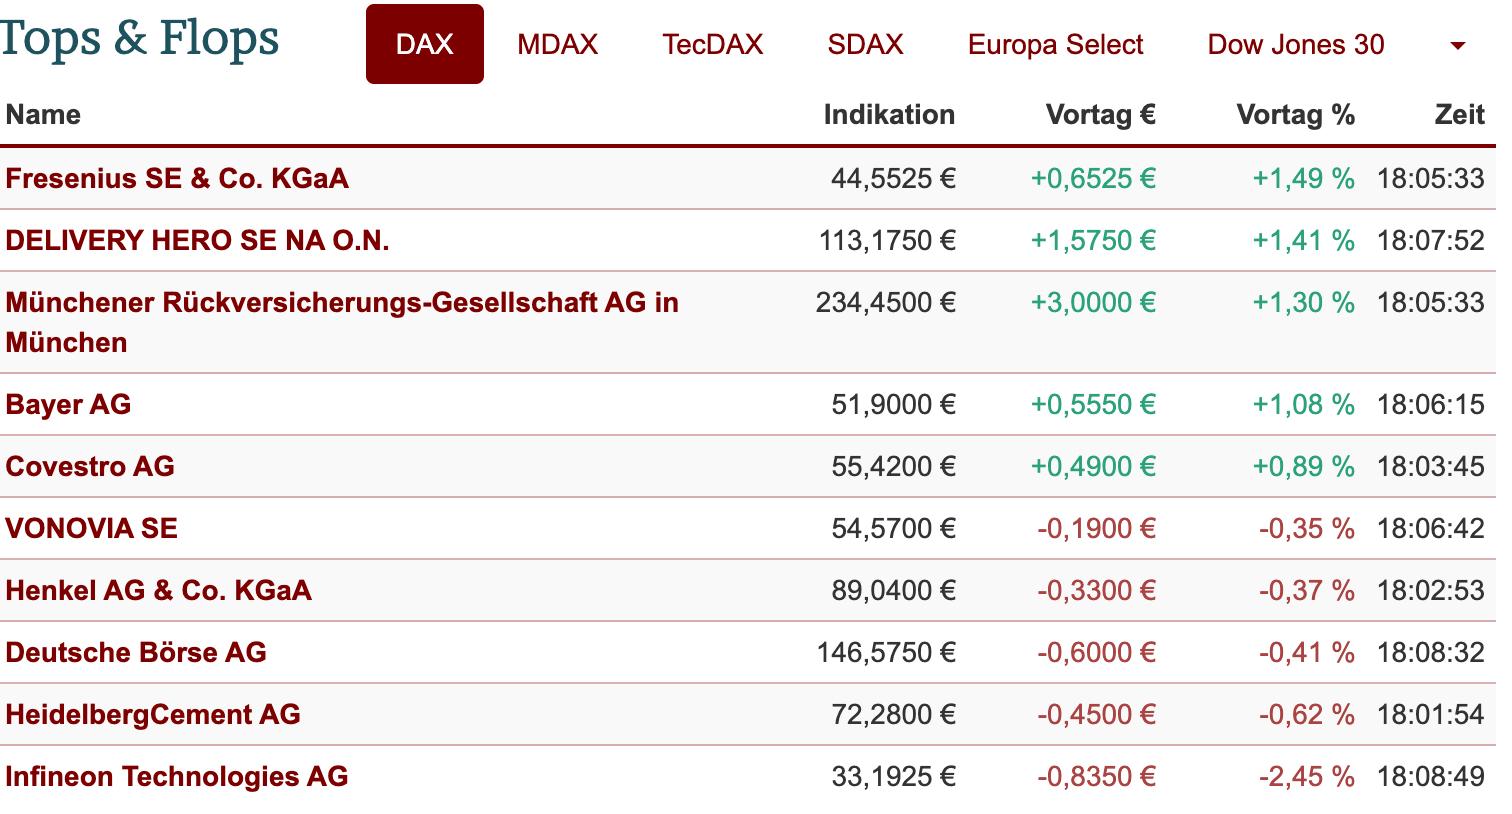 Tops und Flops der DAX-Aktien am 01.07.2021